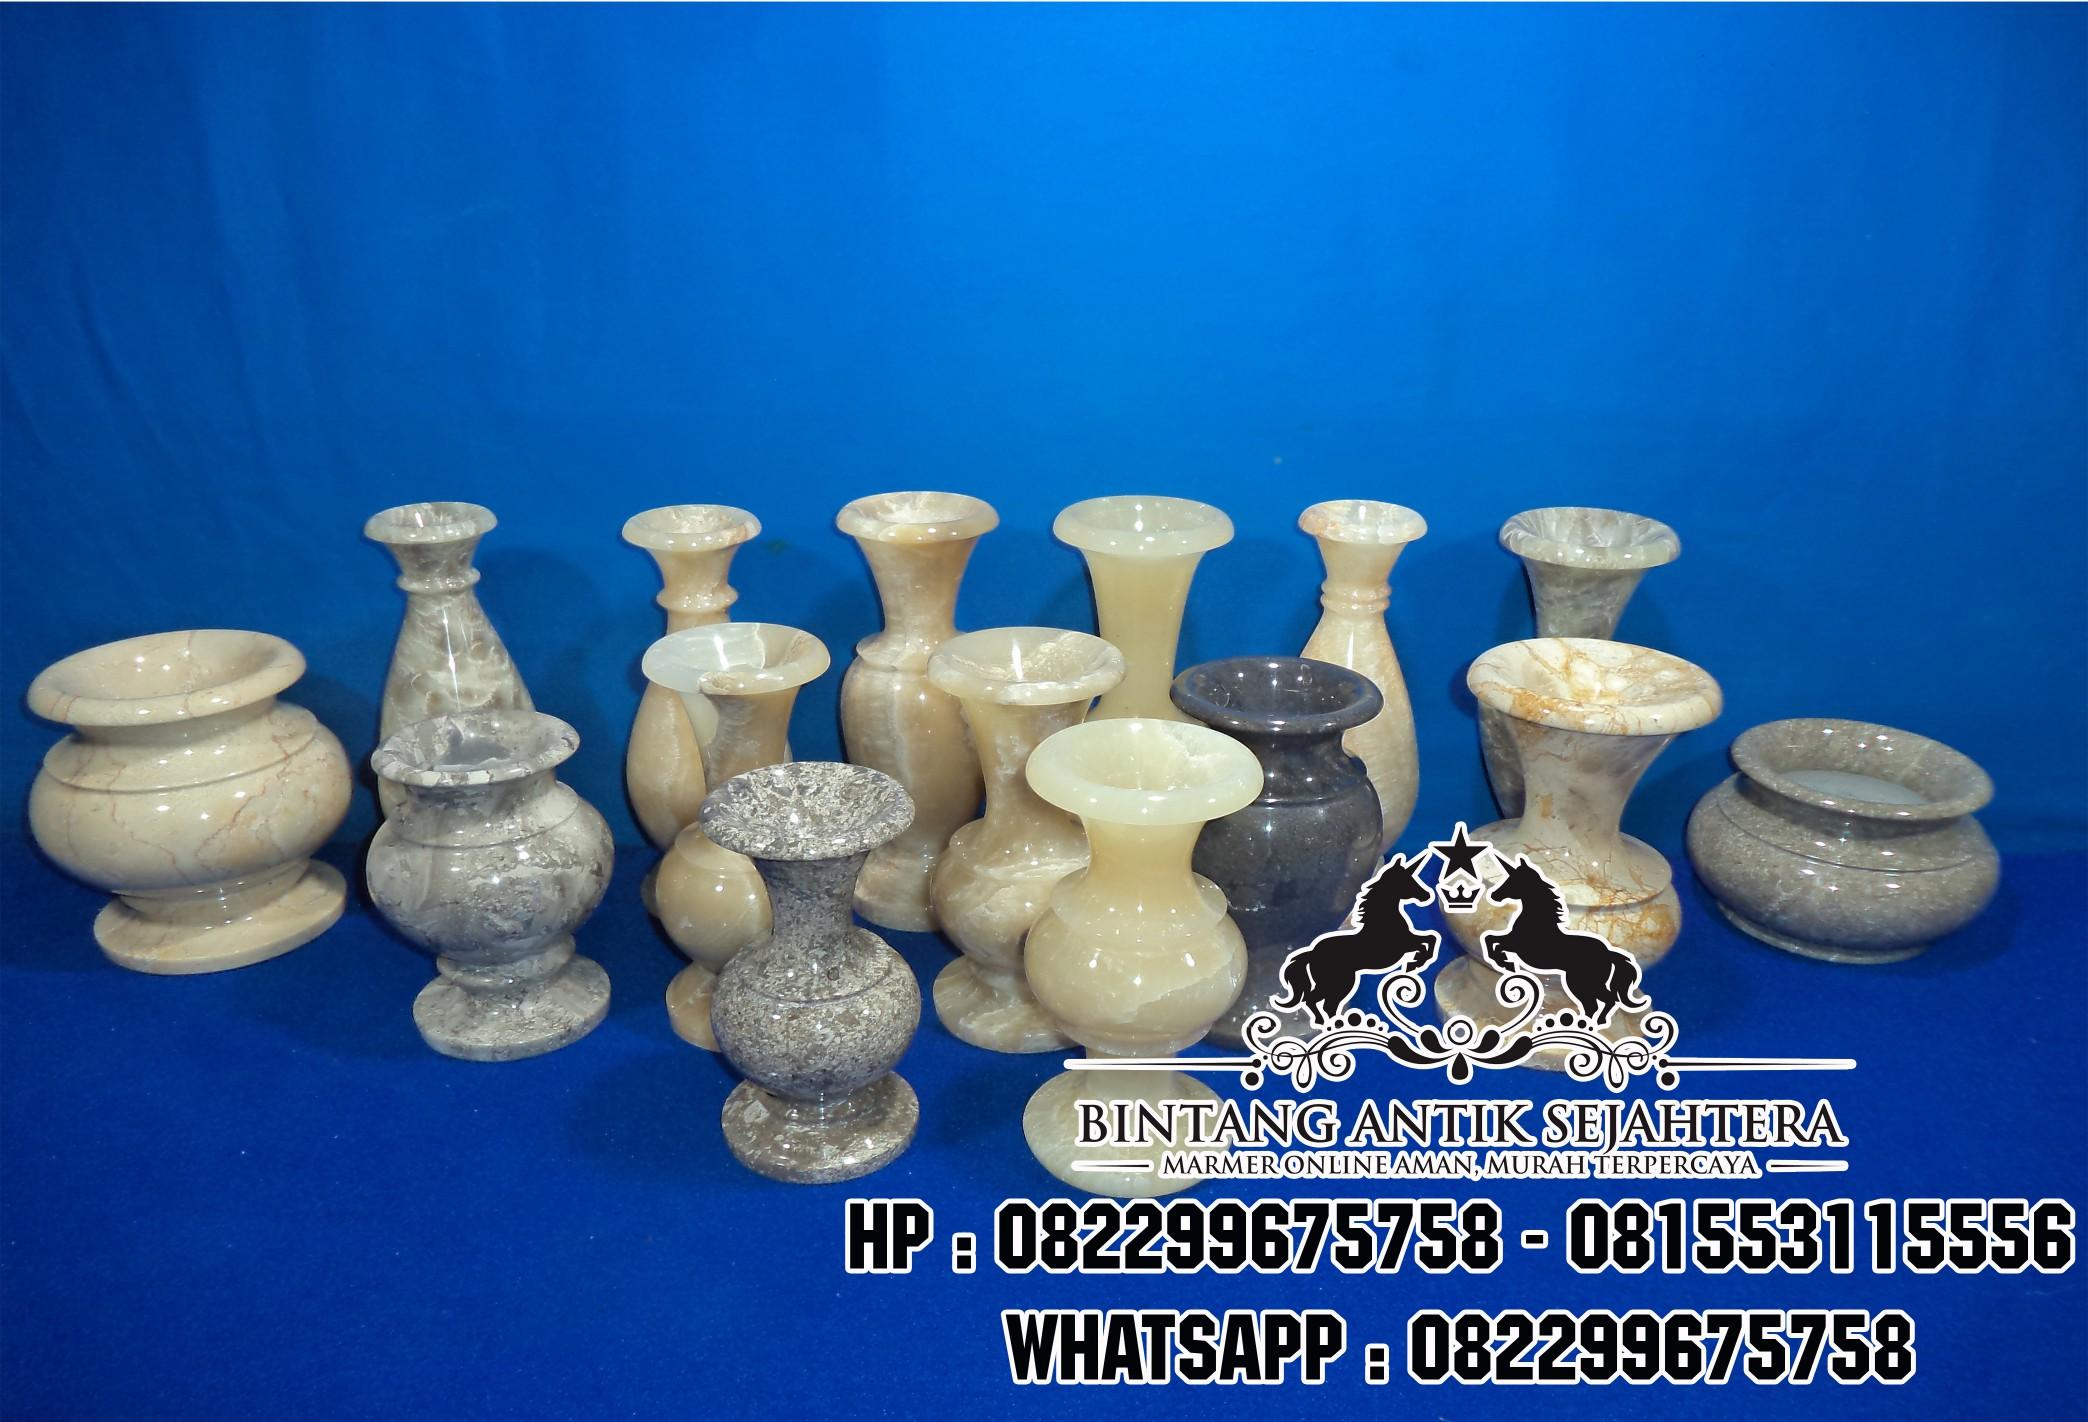 Vas Marmer-Vas Bunga Unik-Jual Vas Marmer Murah-Harga Vas Bunga Marmer-Pengrajin Vas Marmer